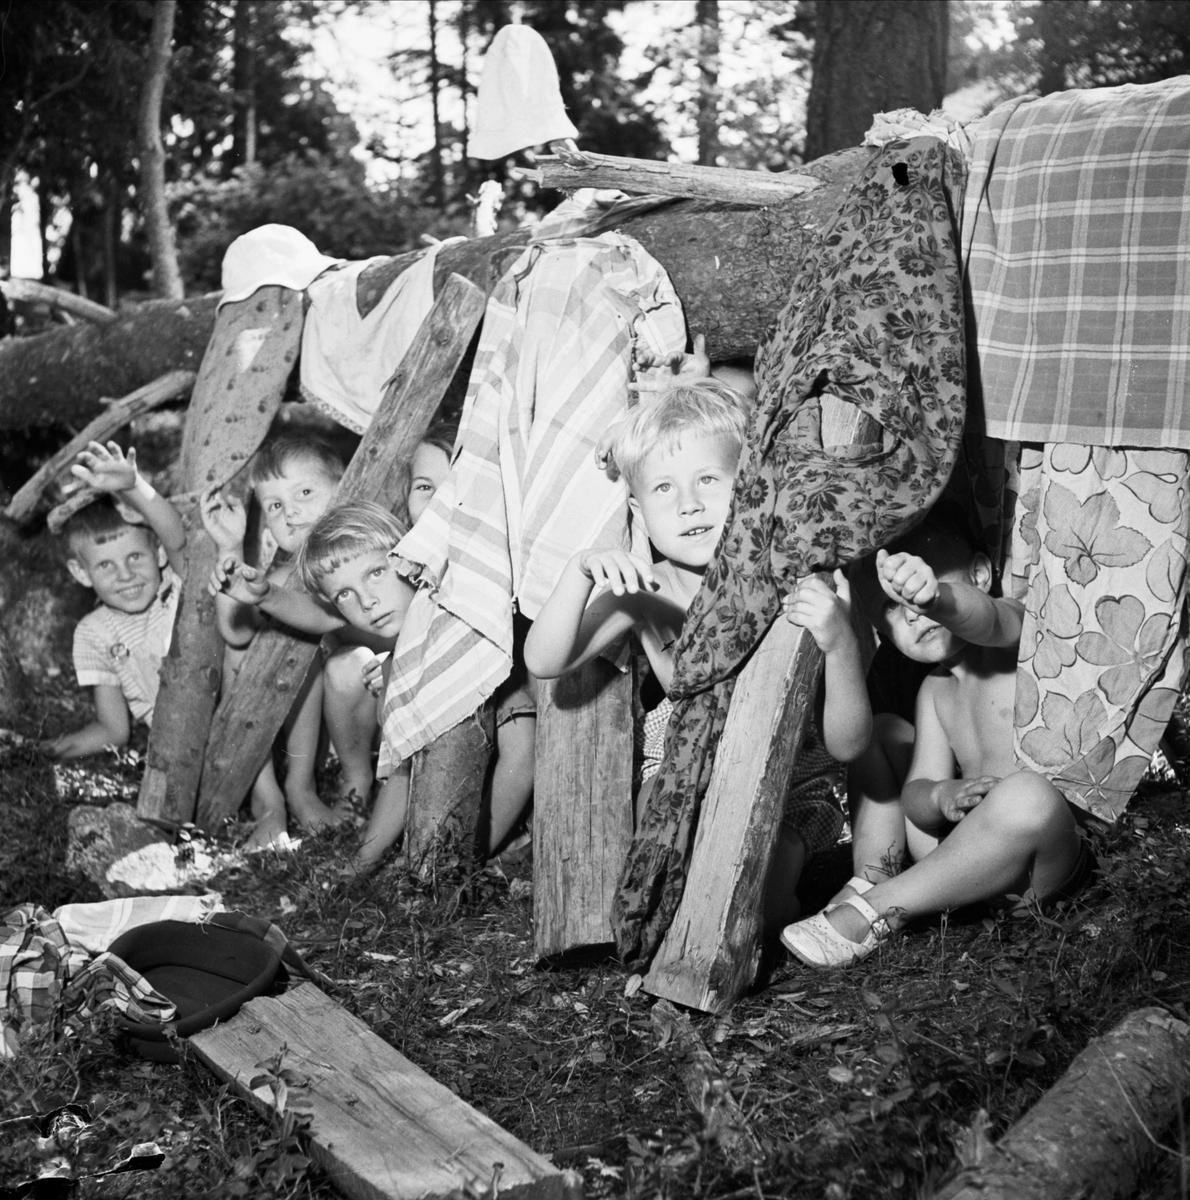 Barnkoloni i Knivsta, Uppland 1952